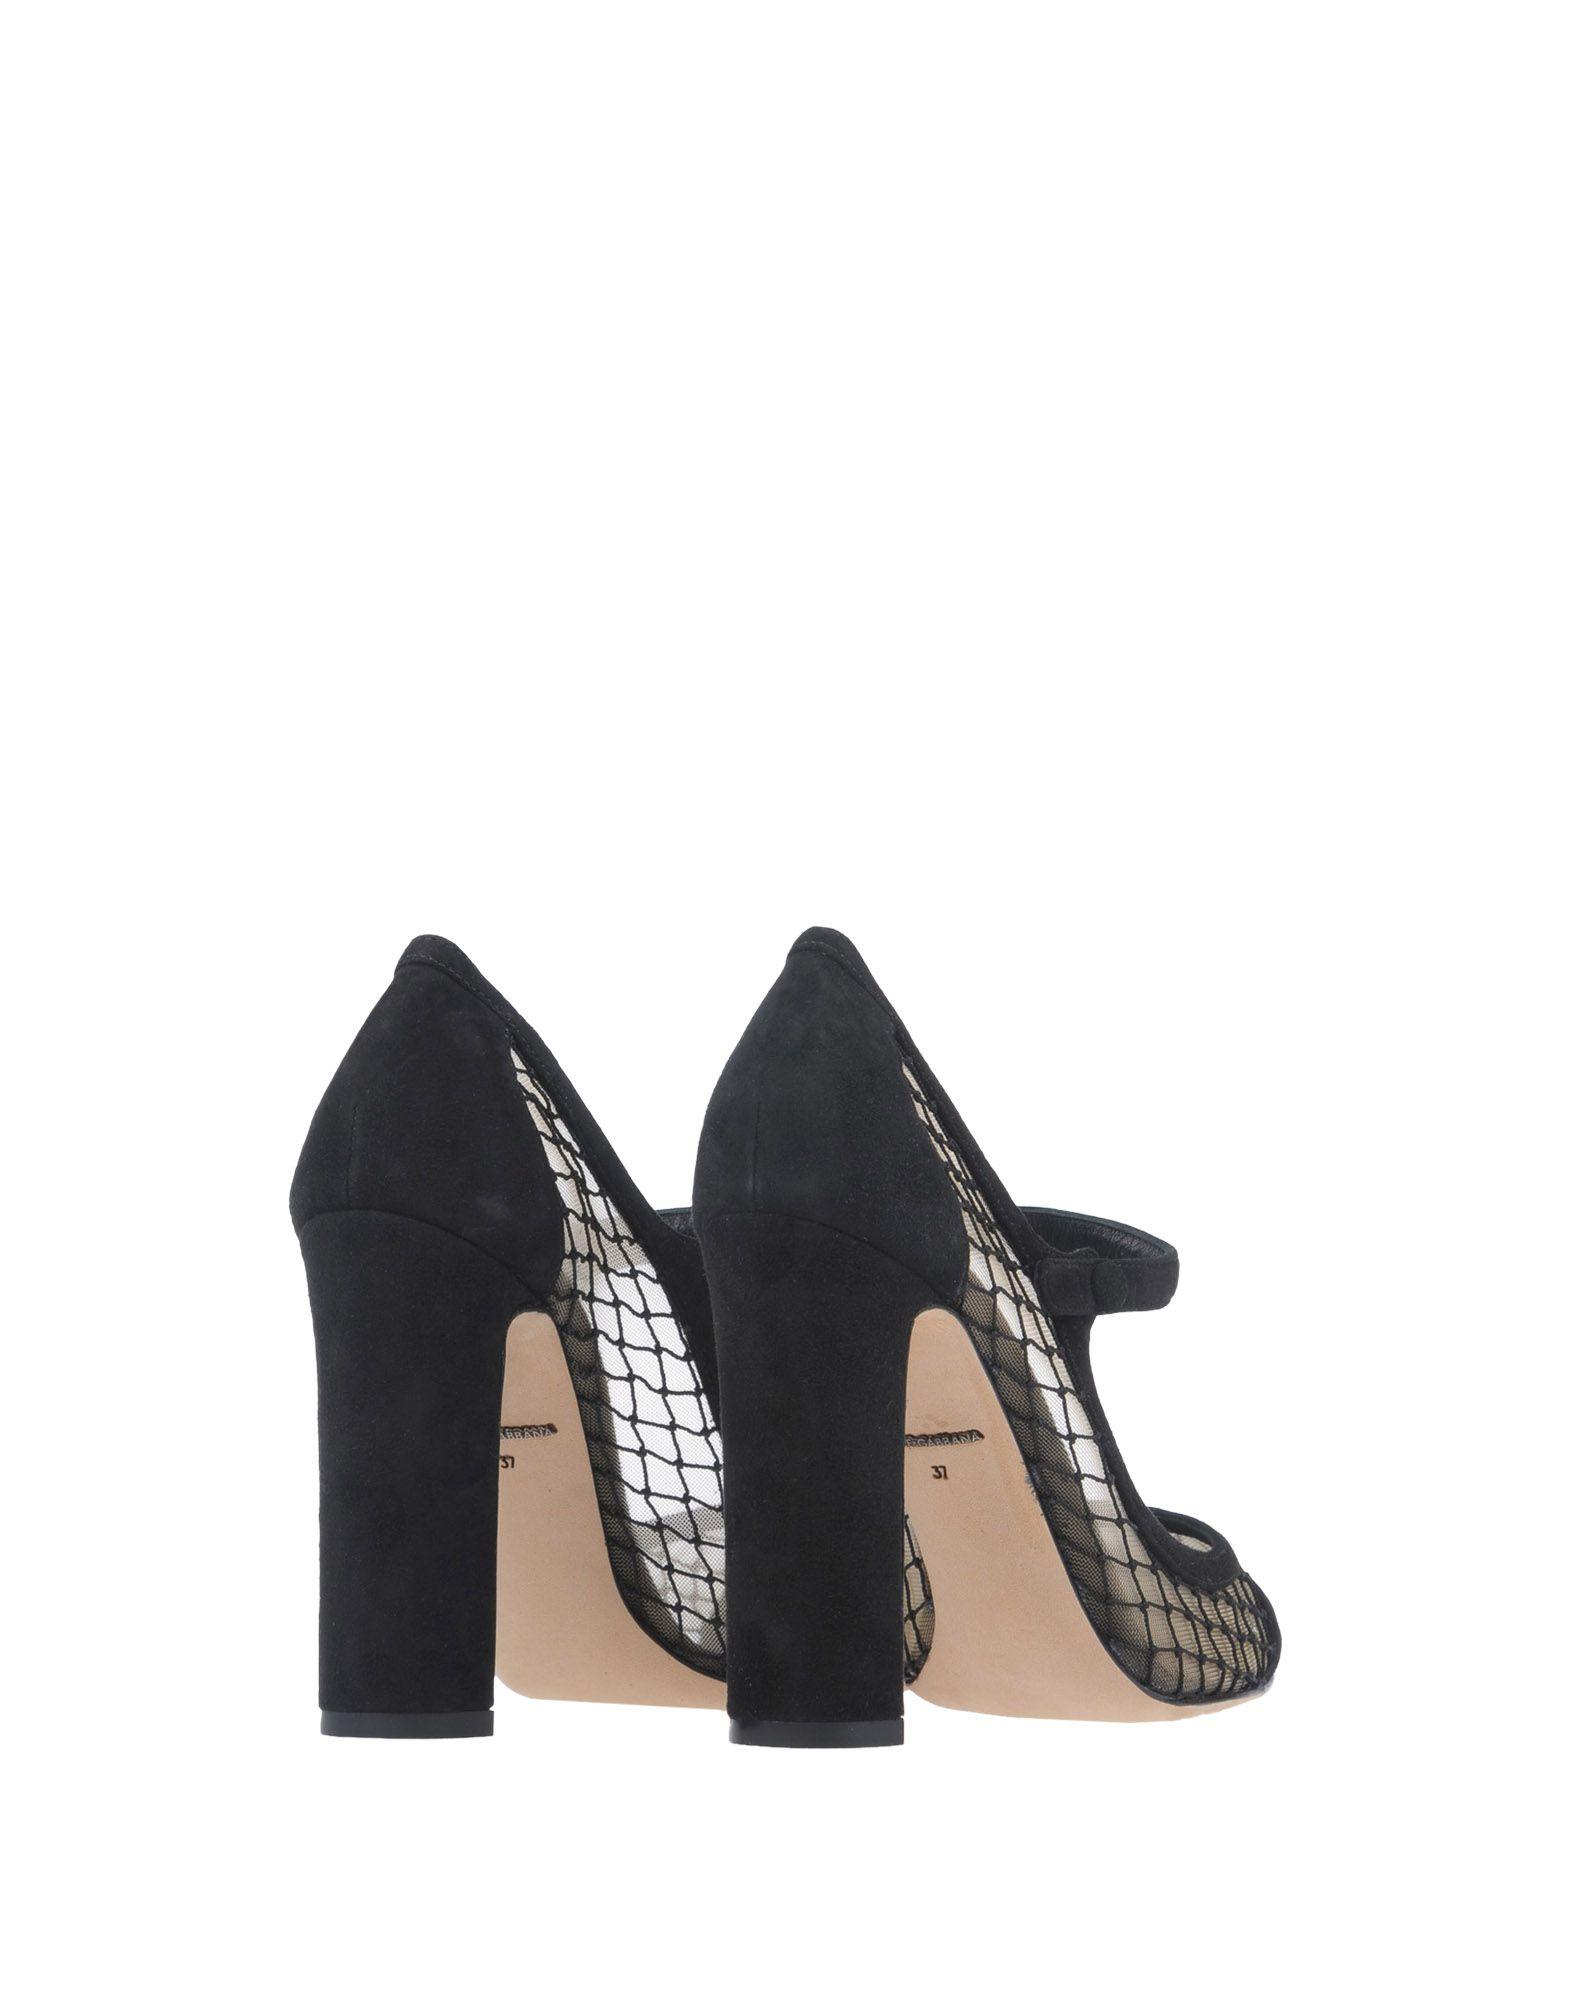 Dolce & Gabbana Pumps Damen Schuhe  11353735SSGünstige gut aussehende Schuhe Damen 1128ba